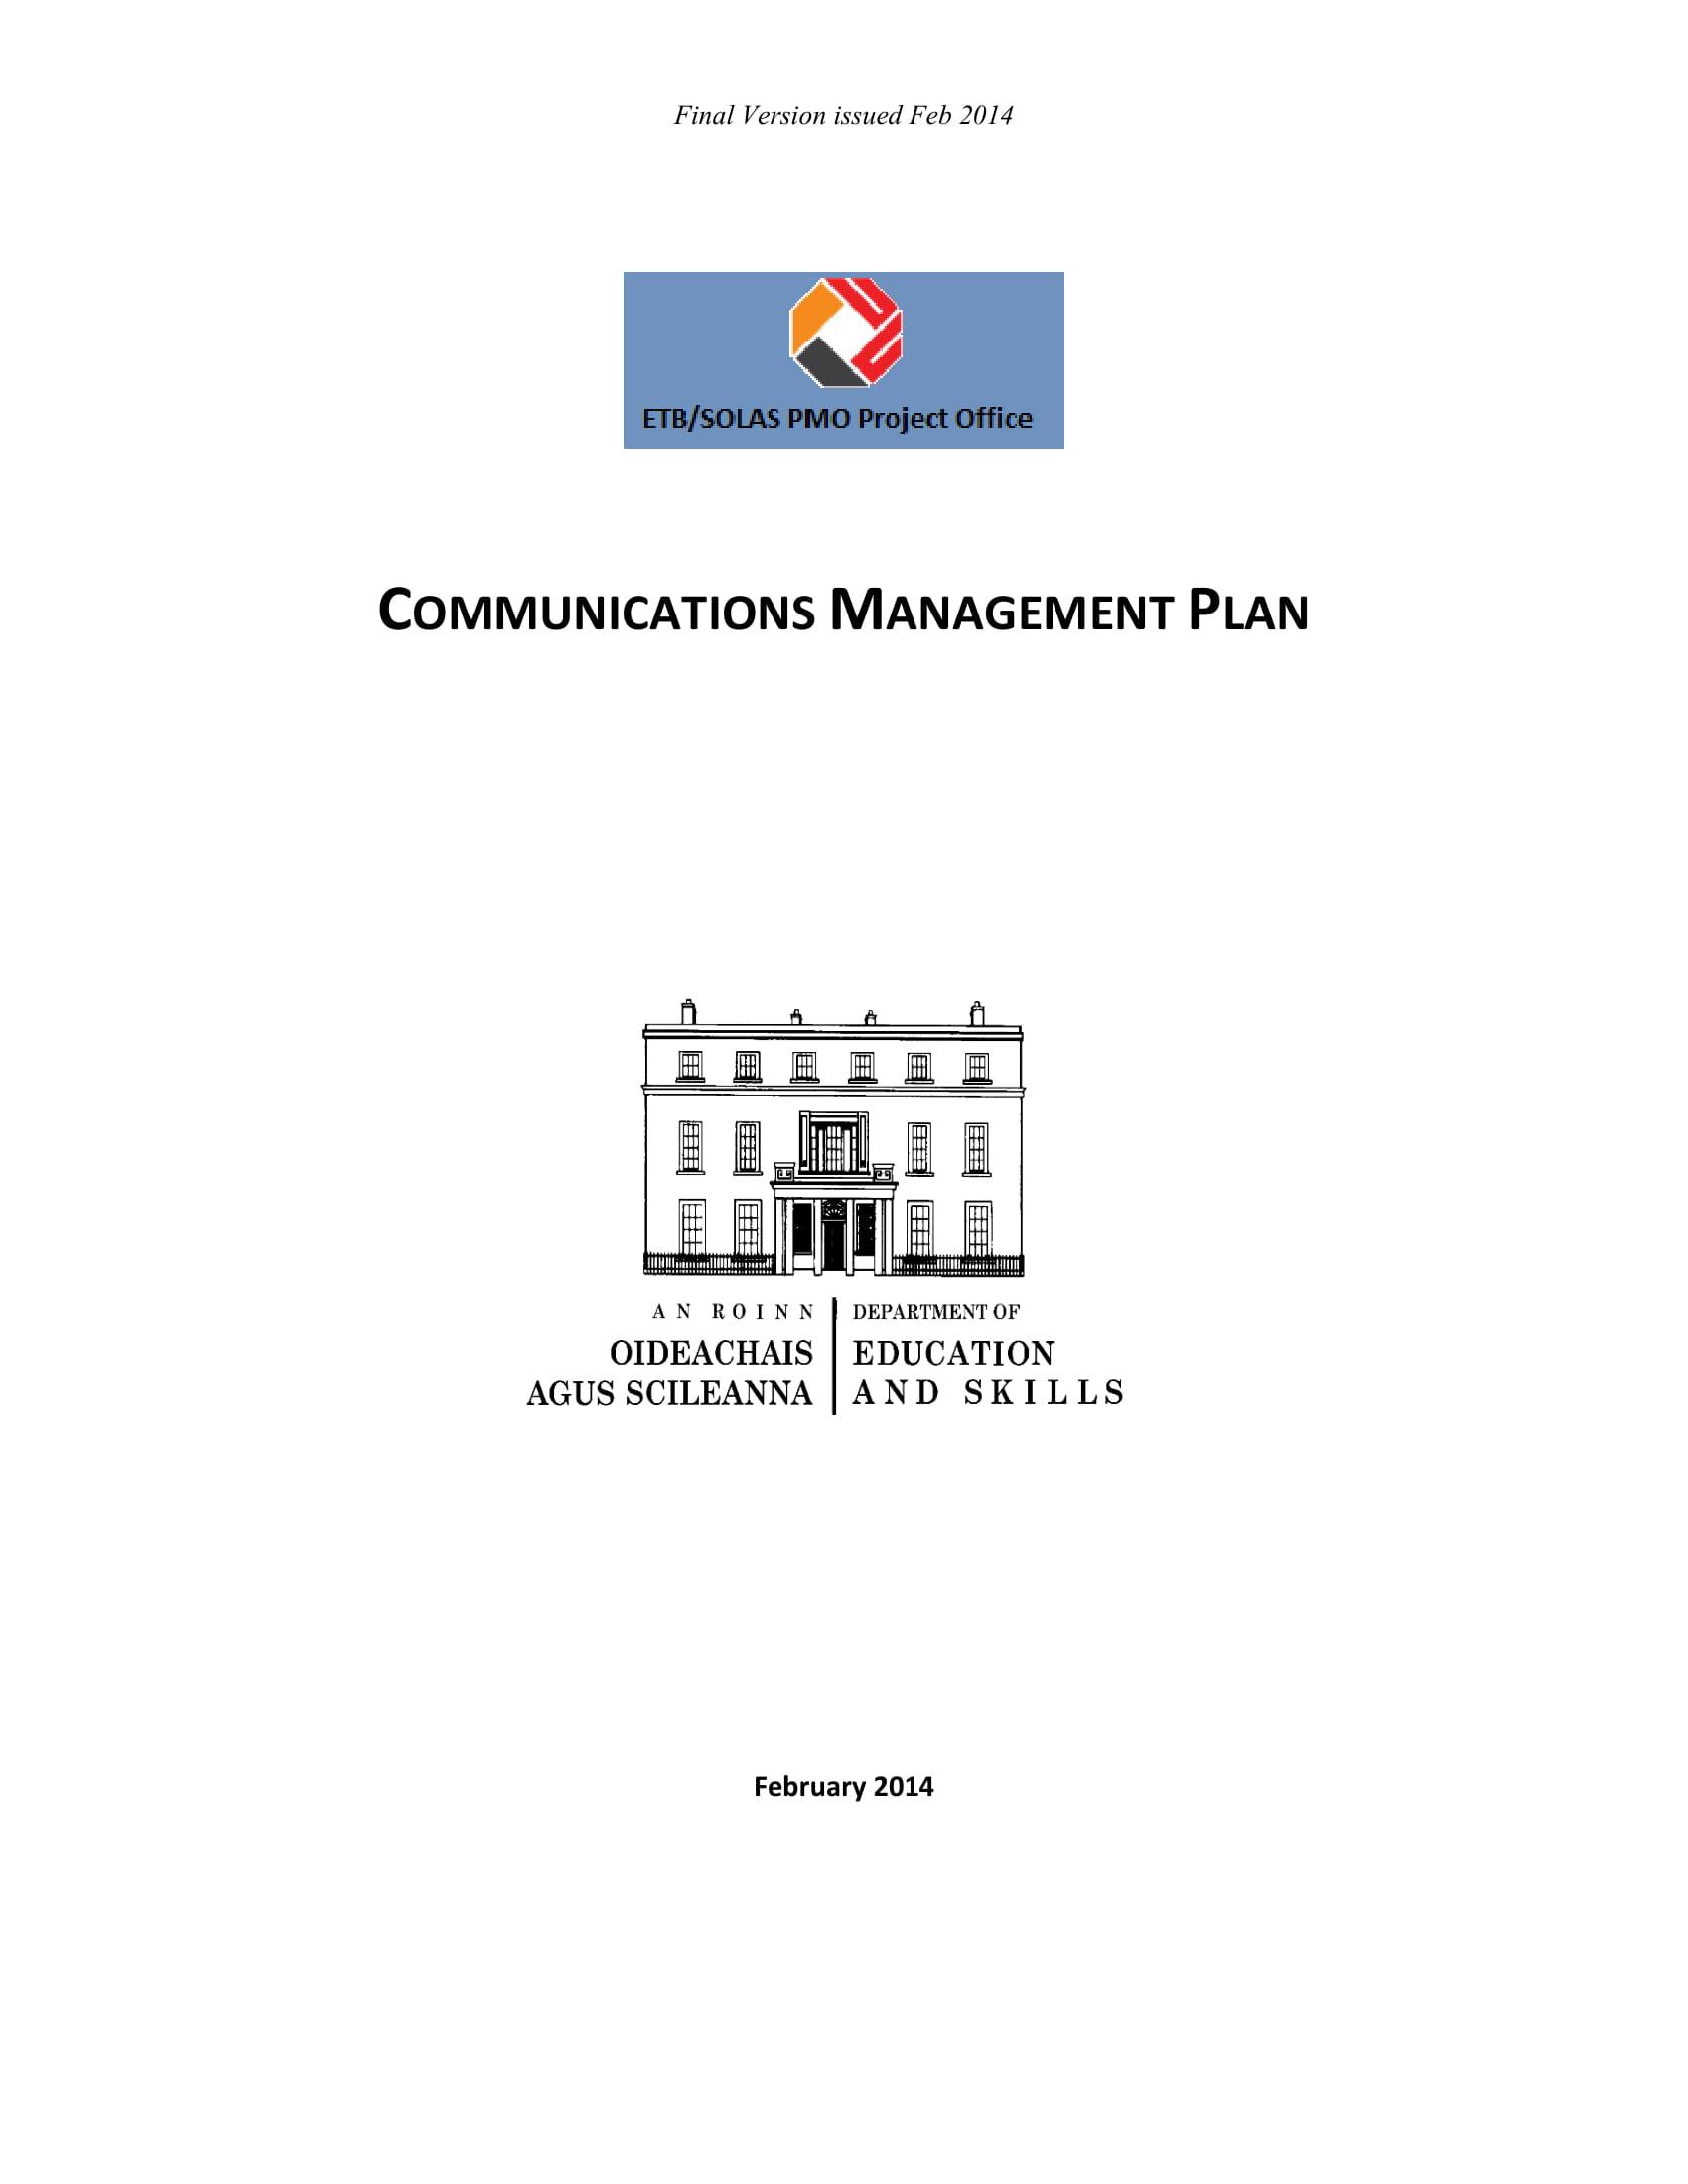 basic communication management plan example